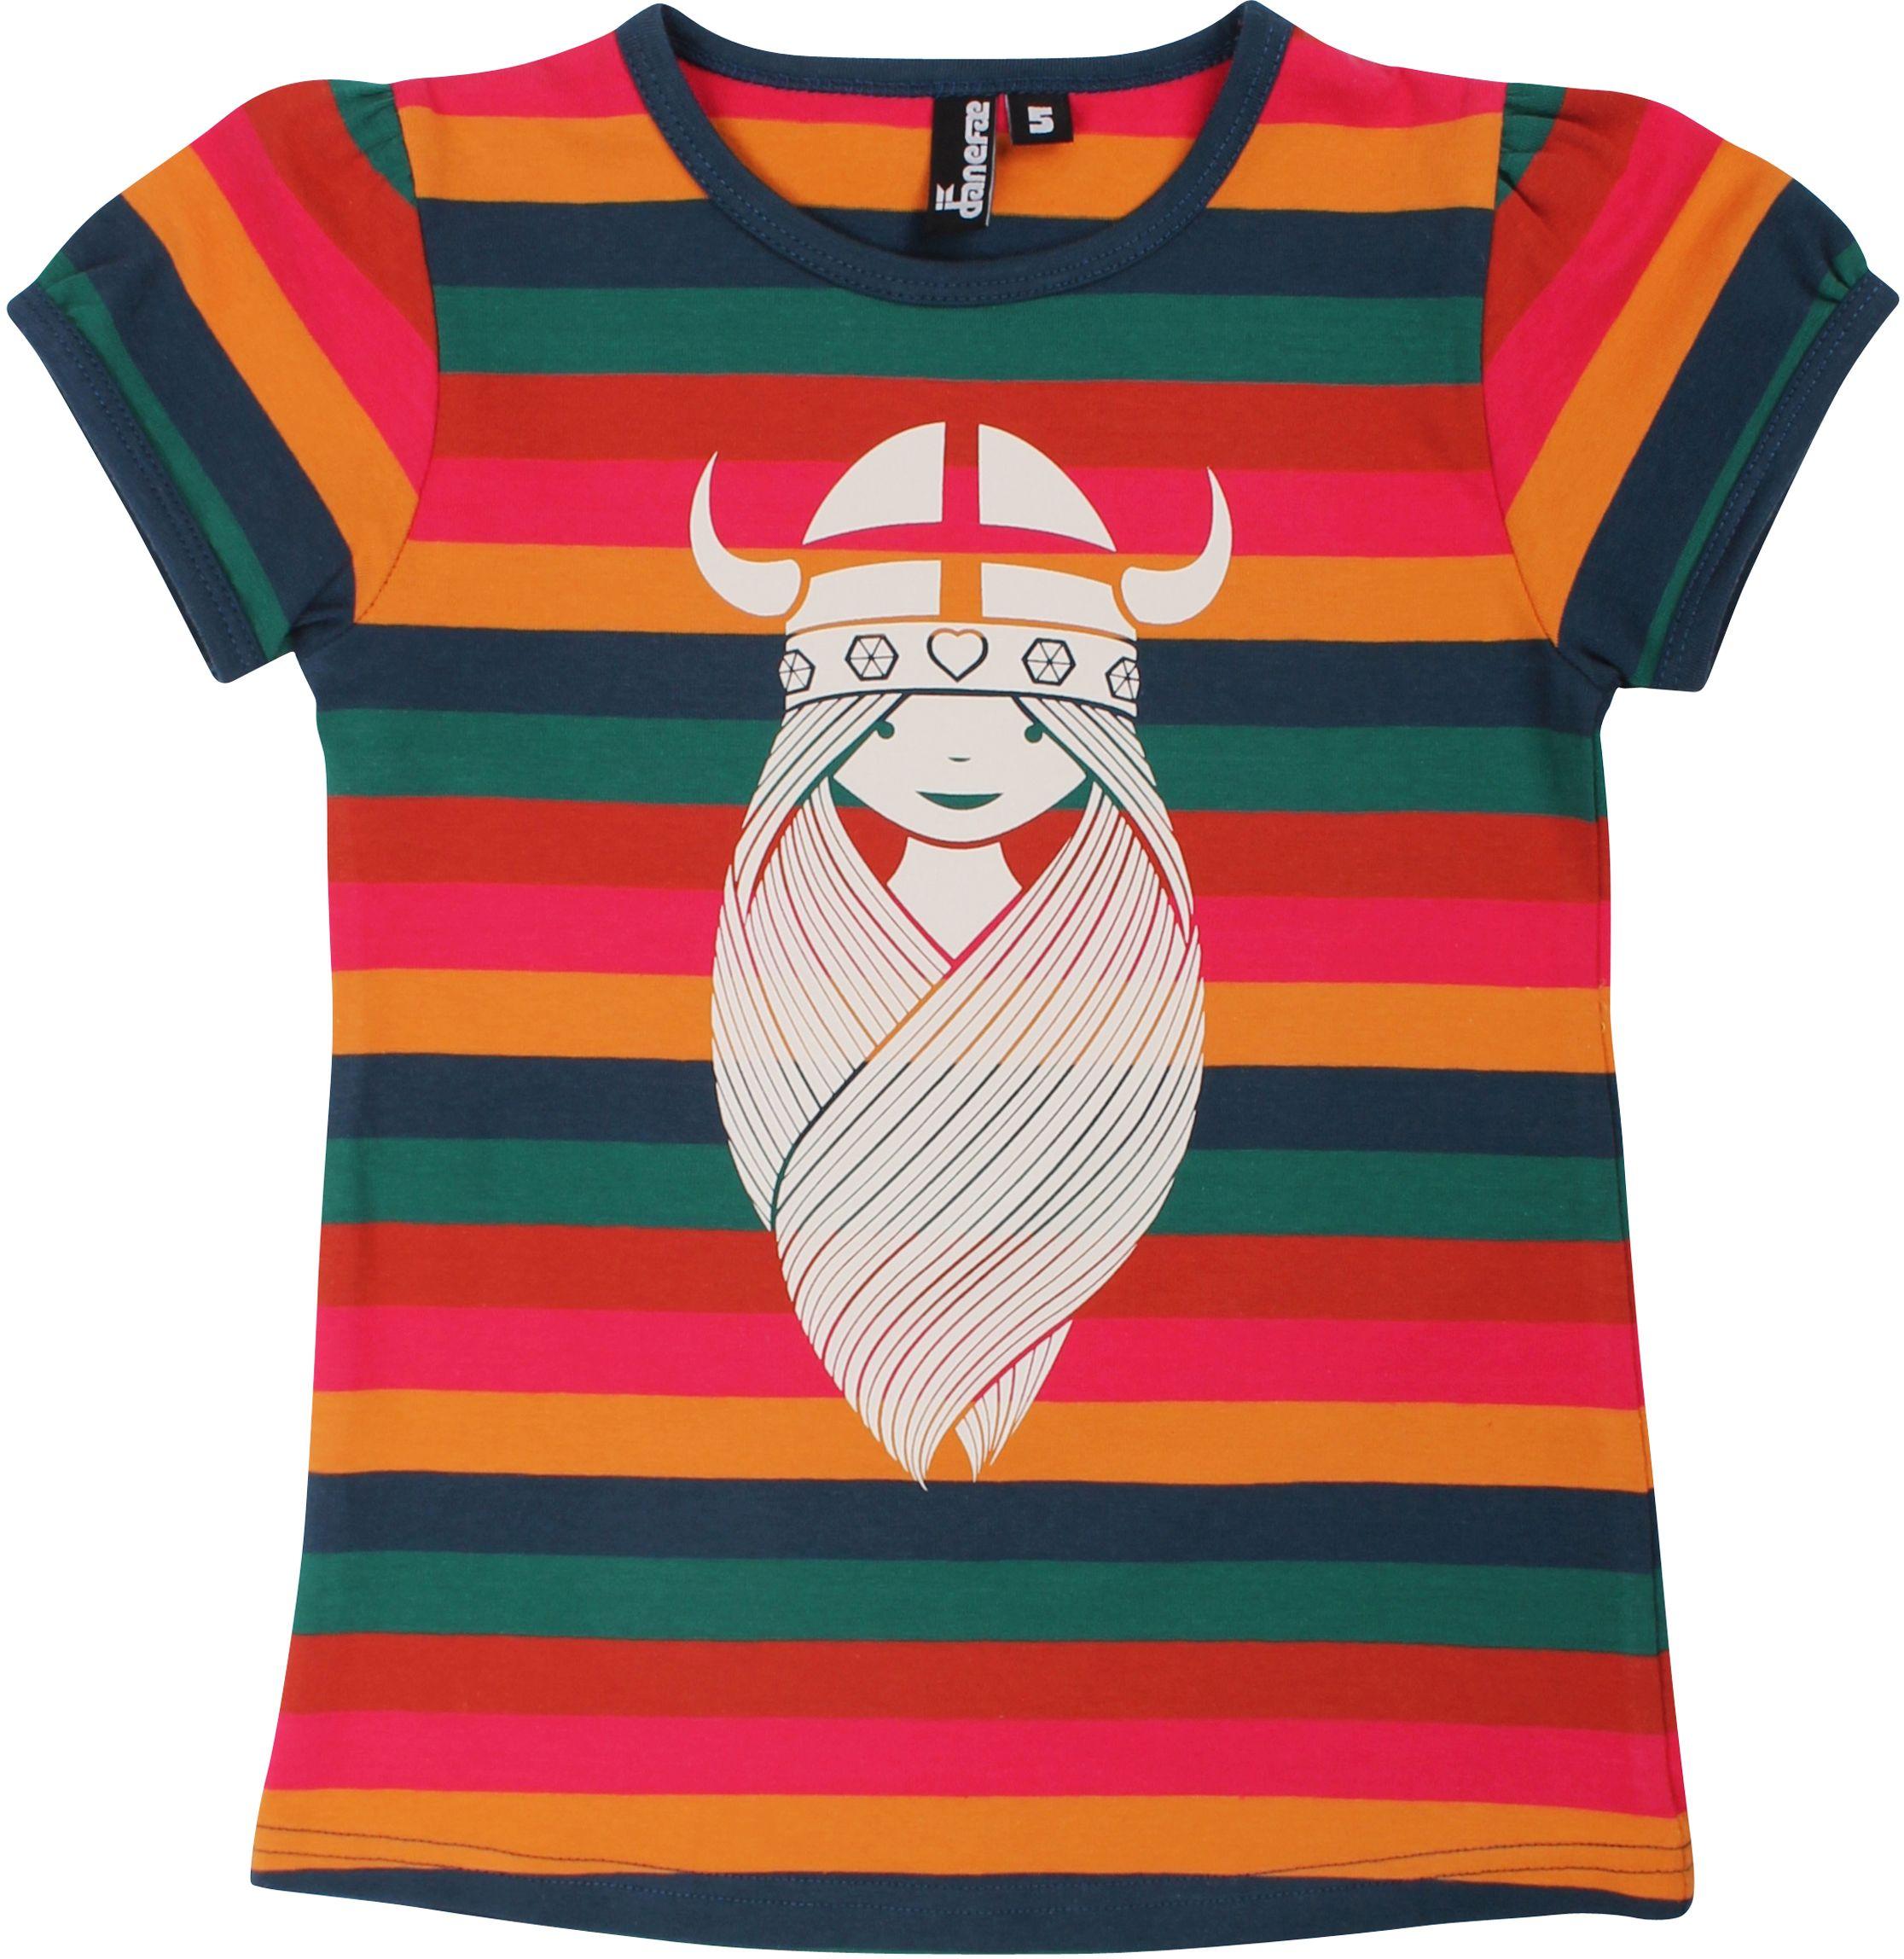 Danefae Girl T-Shirt Baggaardskat sweetiepie